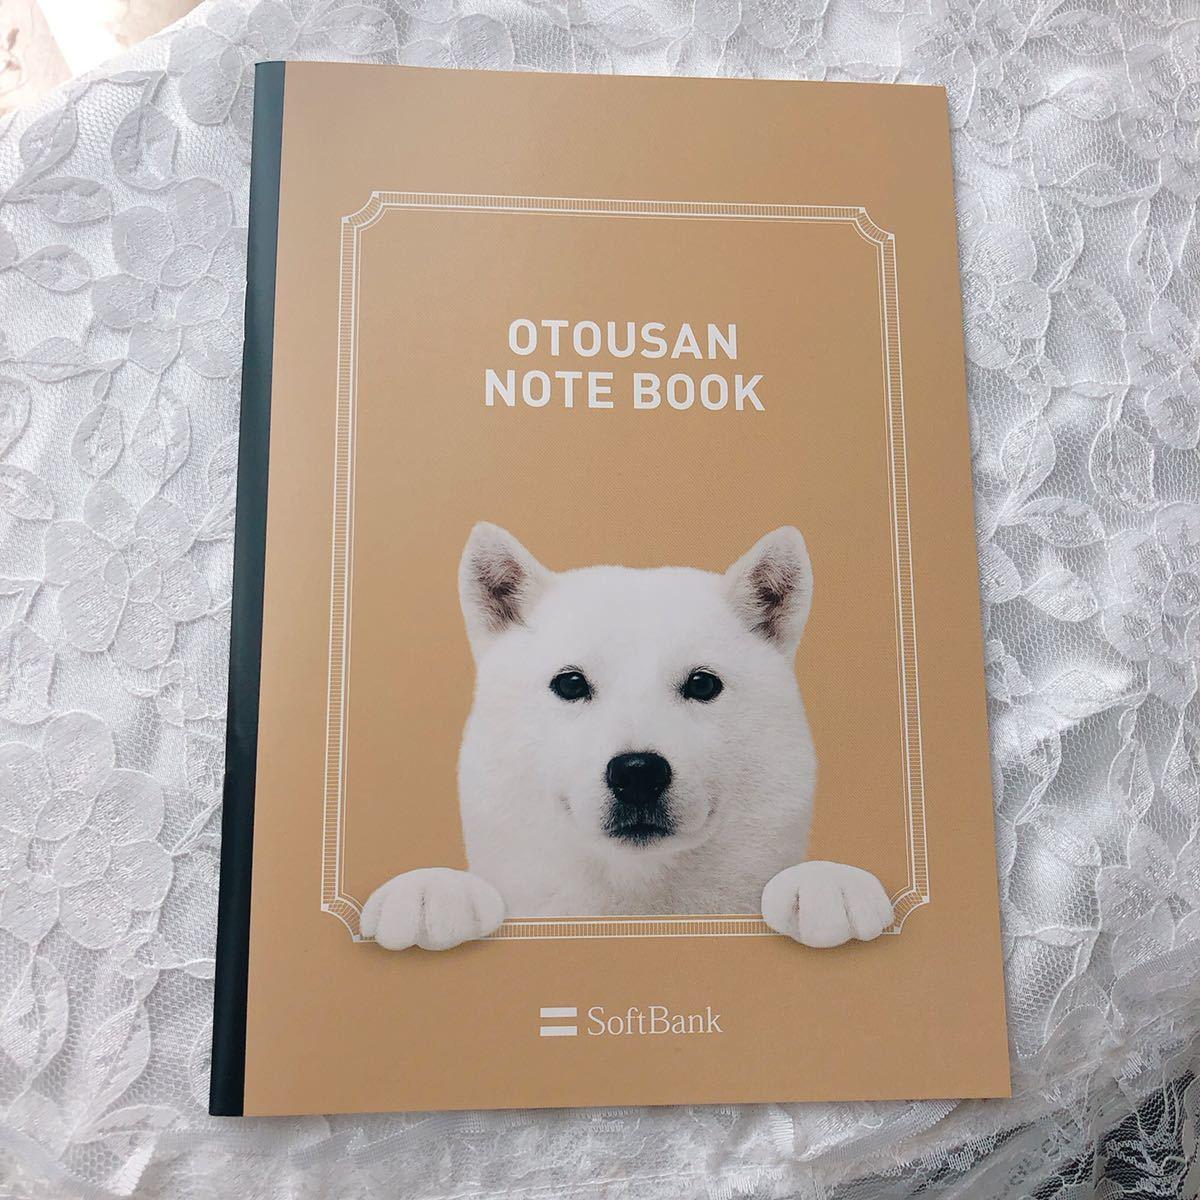 ◆送料込み◆新品未使用◆ソフトバンク SoftBank OTOUSAN NOTE BOOK ノート メモ 文具 ノベルティ